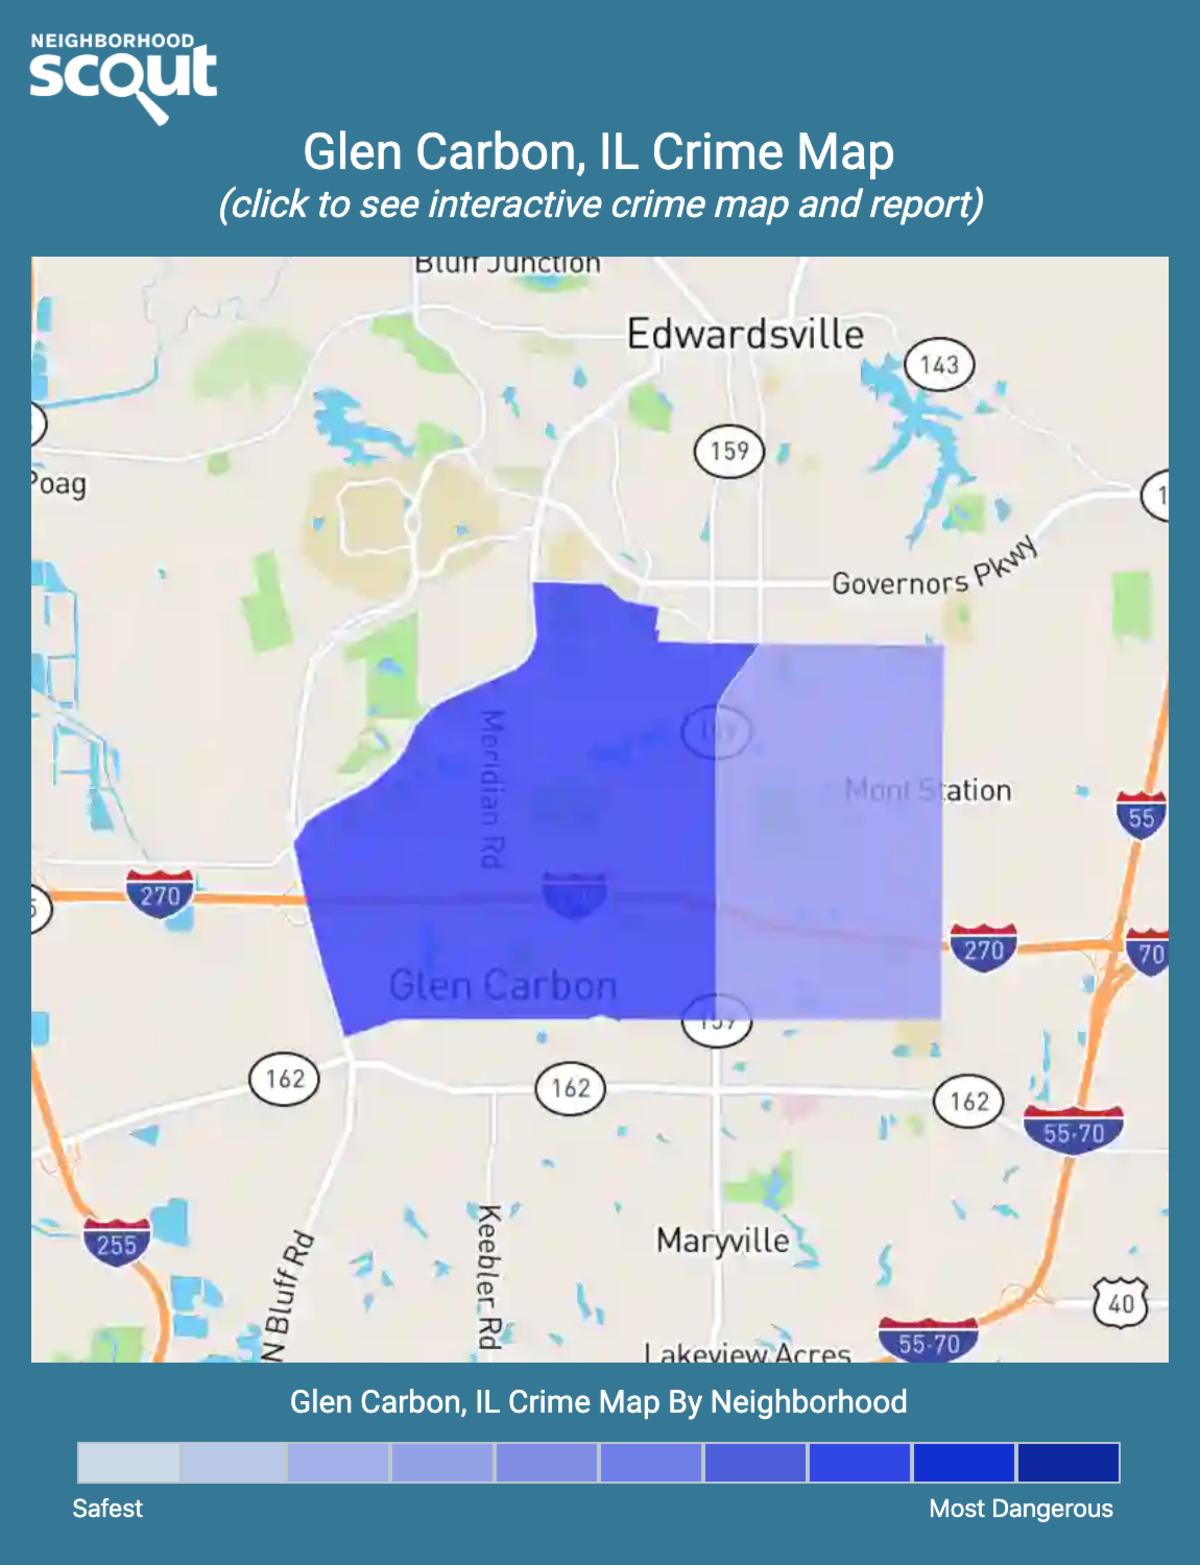 Glen Carbon, Illinois crime map